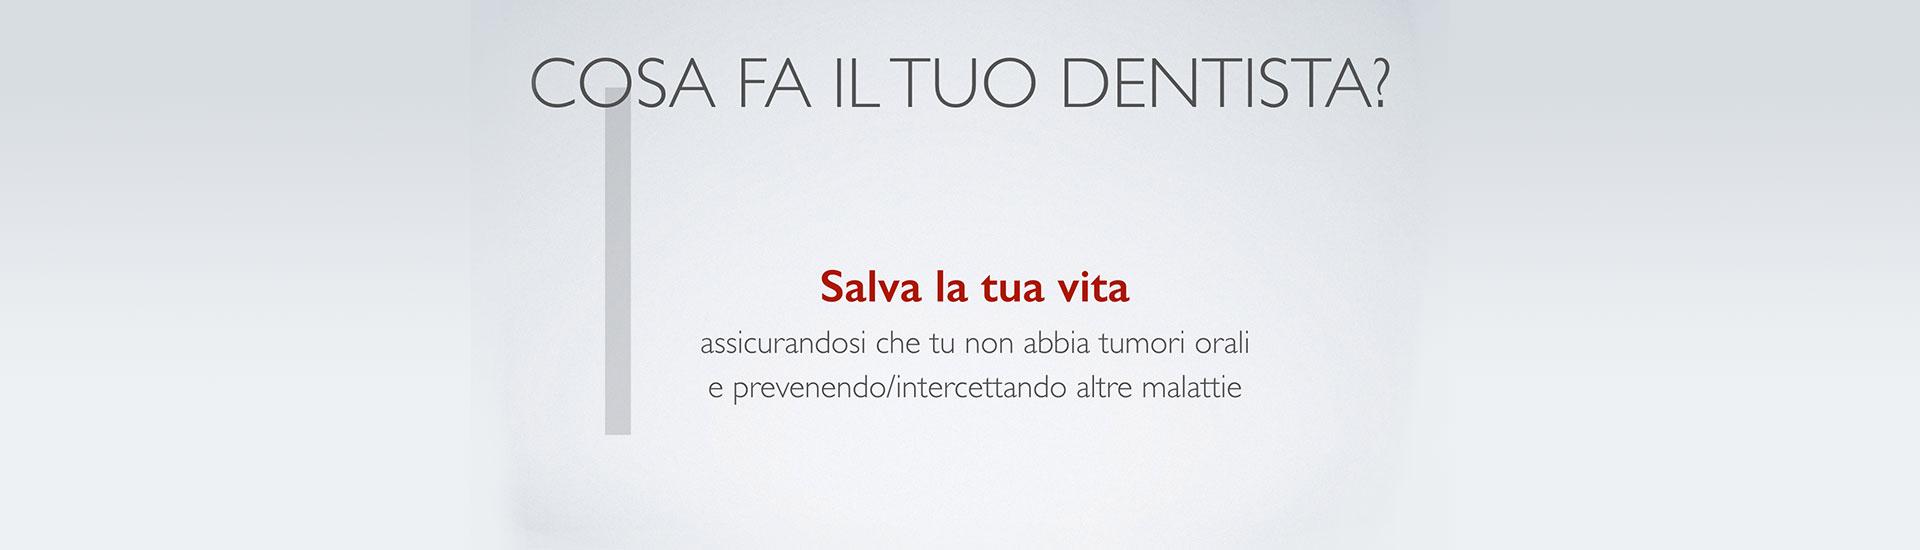 Cosa fa il tuo dentista? Punto 1